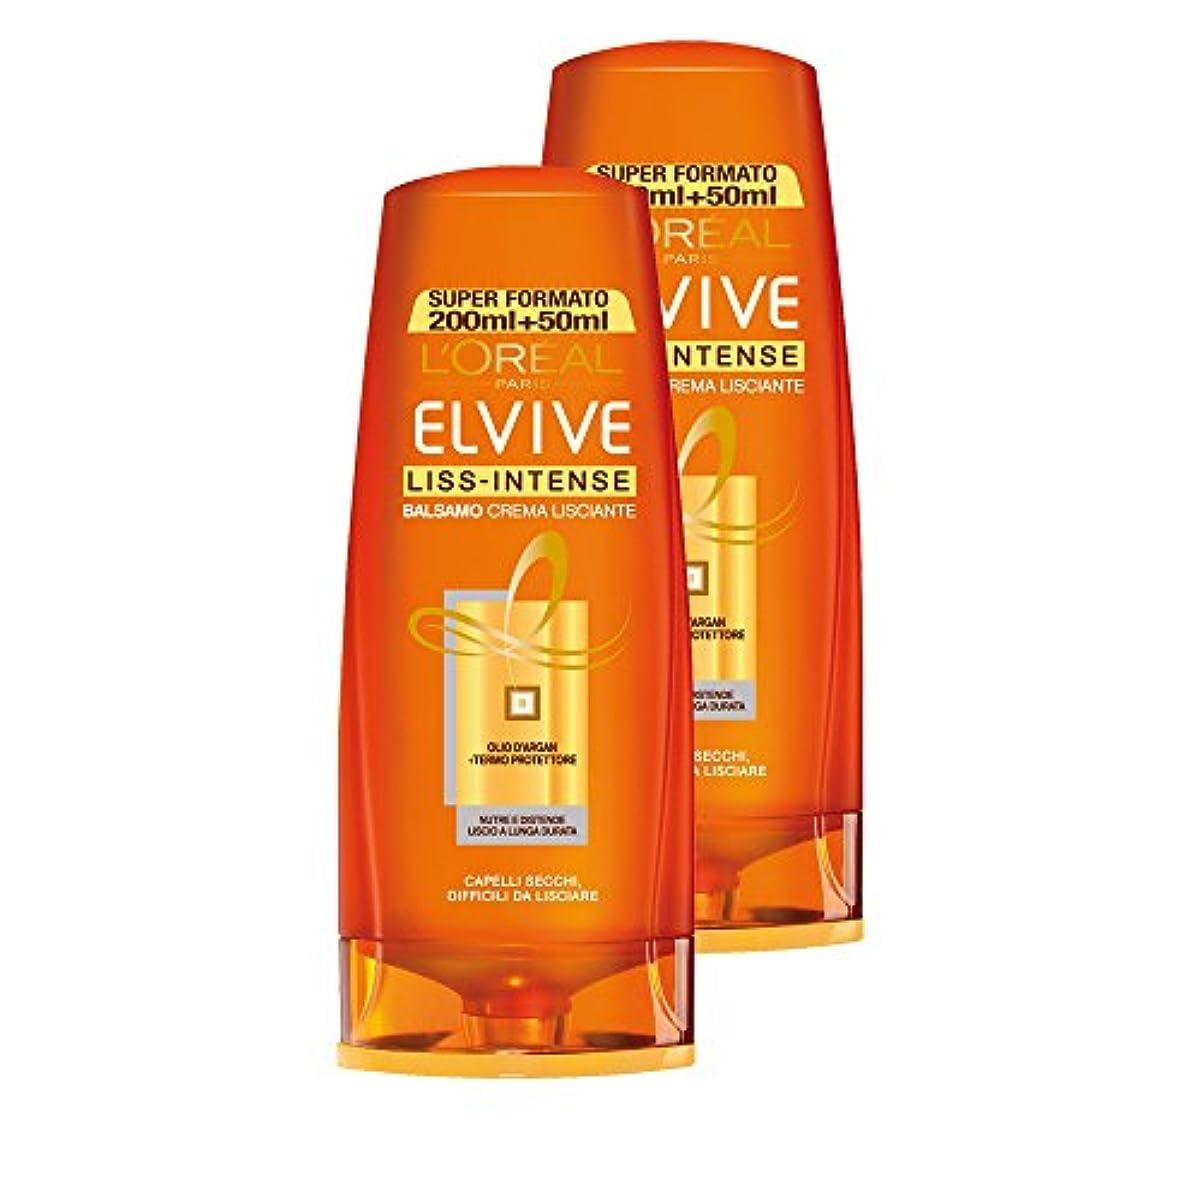 きちんとした特派員ブランチL 'OréalParis Elvive LISS-INTENSEバームクリームヘアサロン乾燥、なめらかにするのが難しい、3パック2 x 250 ml、合計:1500 ml